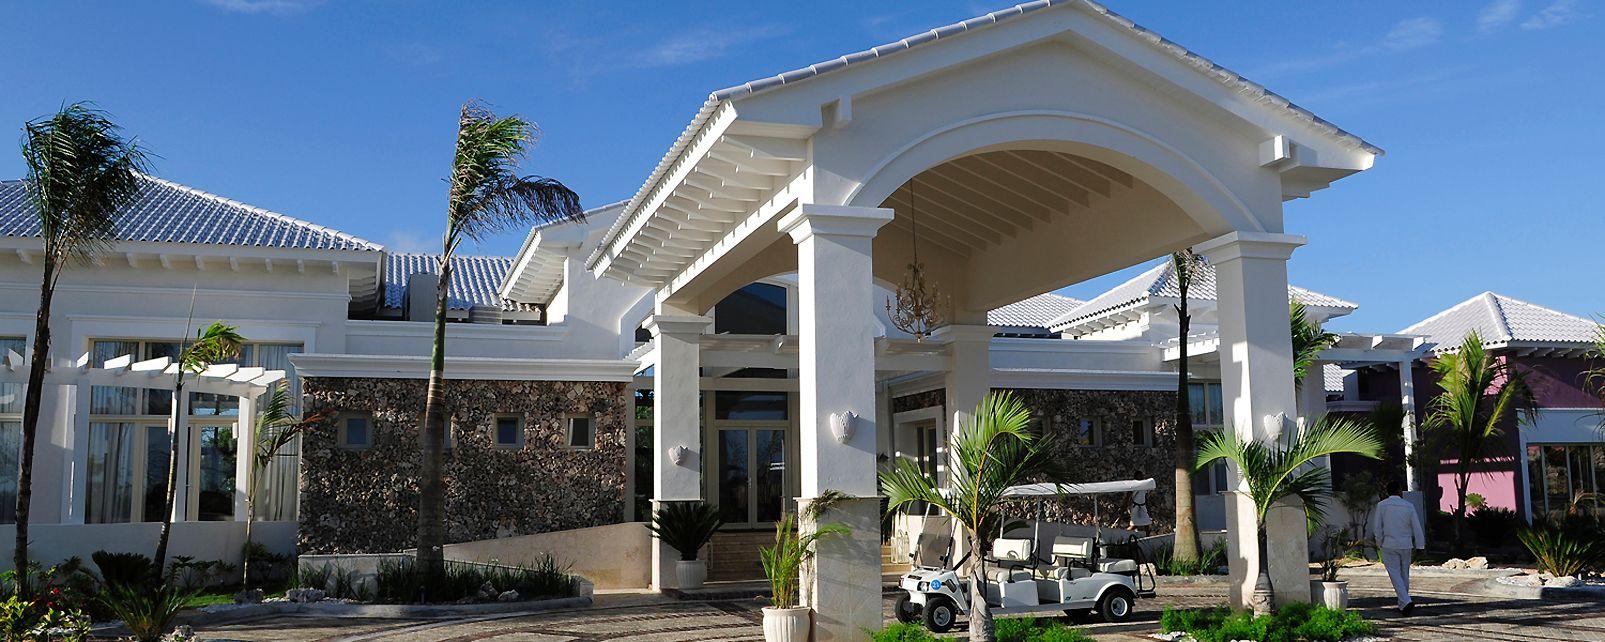 Hôtel Eden Roc at Cap Cana